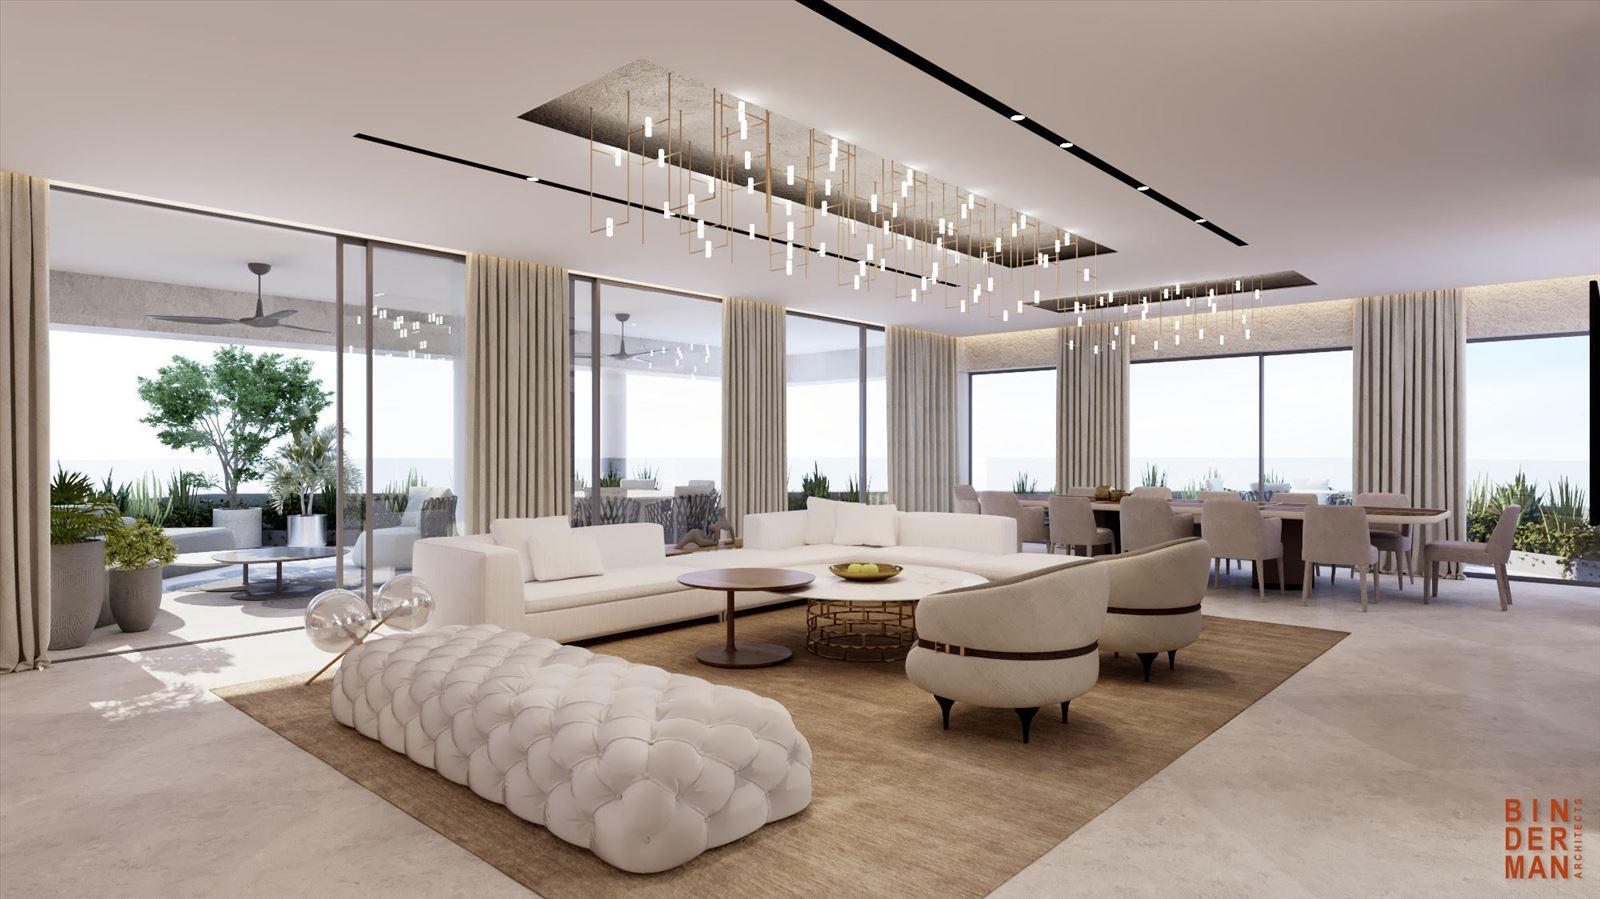 פרויקט הדמיה של בית פרטי -  הדמיית תאורה בסלון עם גופי התאורה של דורי קמחי